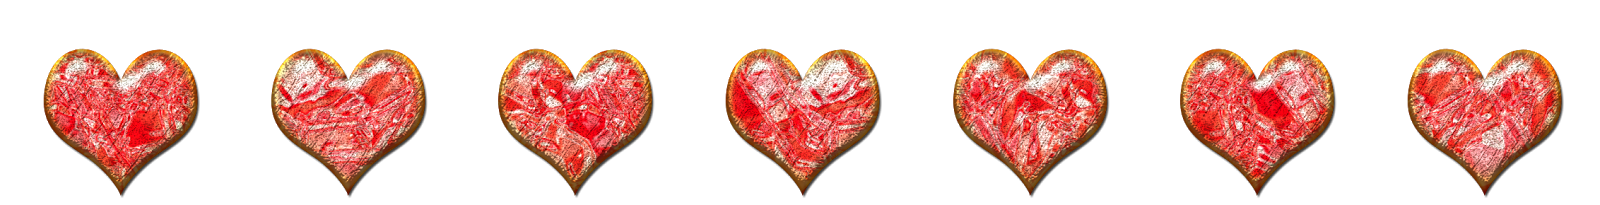 row-of-hearts-copy